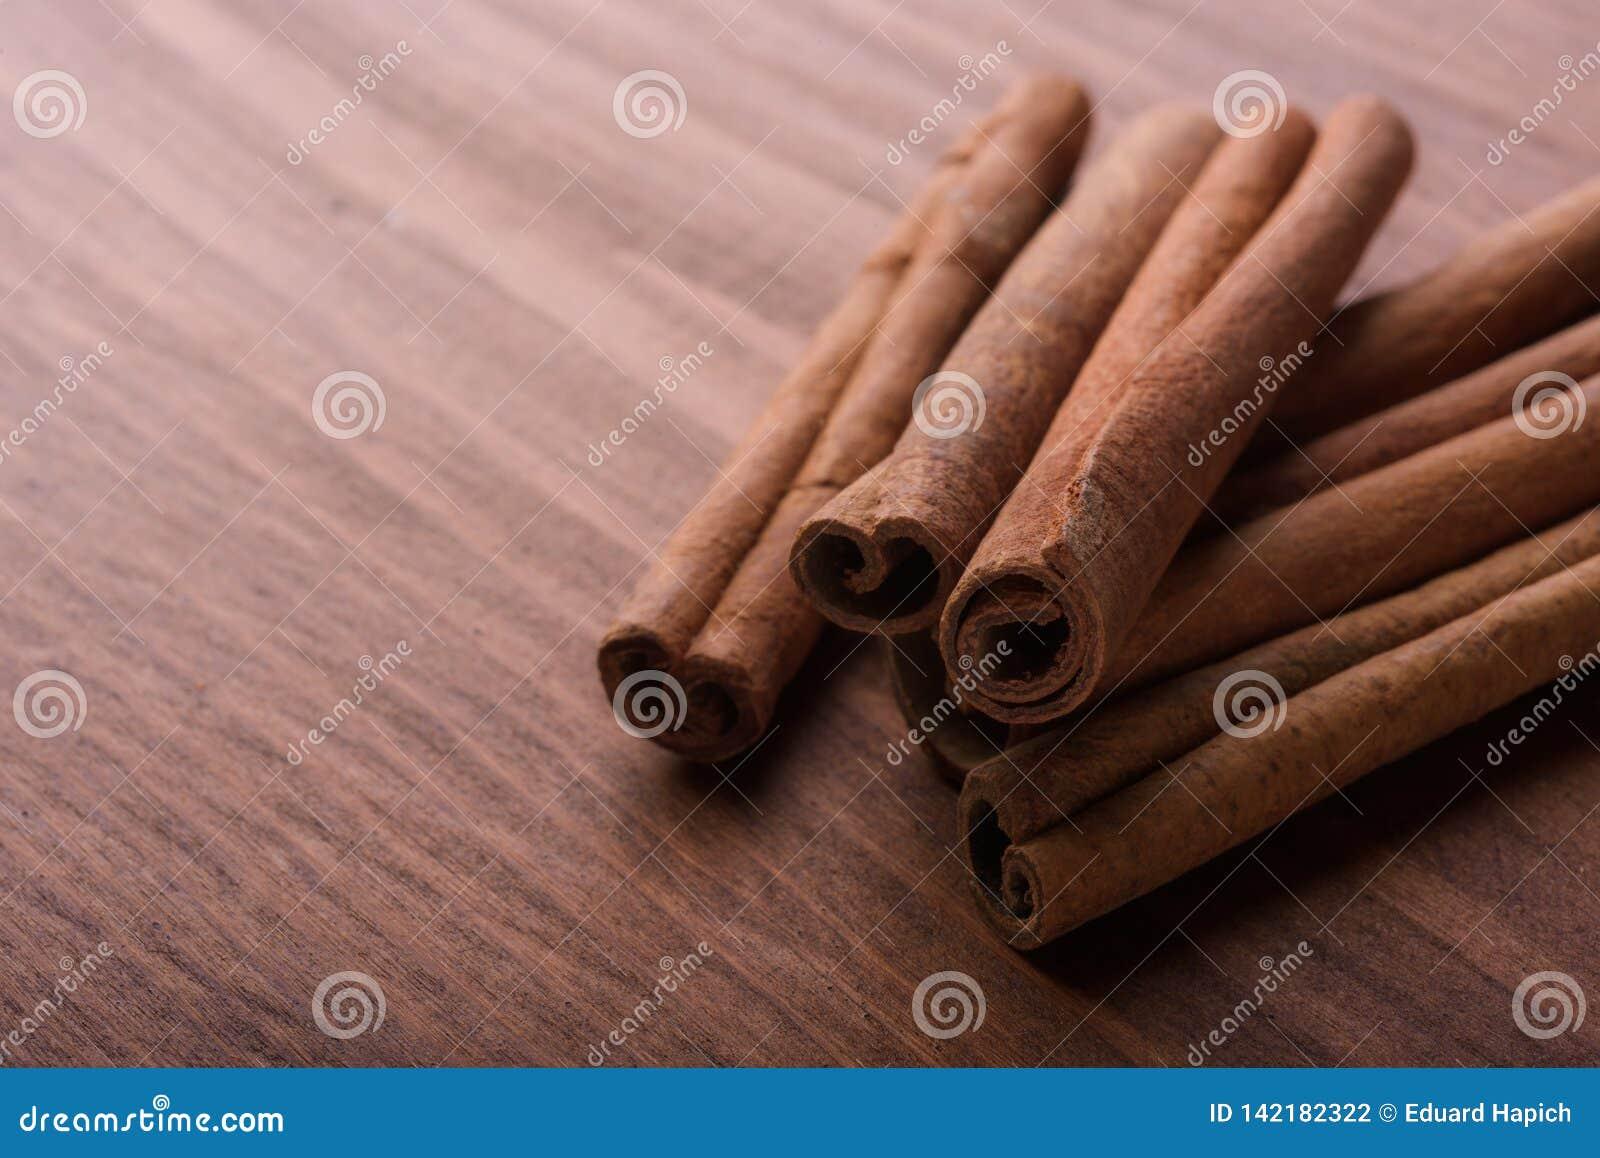 Ραβδιά κανέλας στο ξύλινο υπόβαθρο